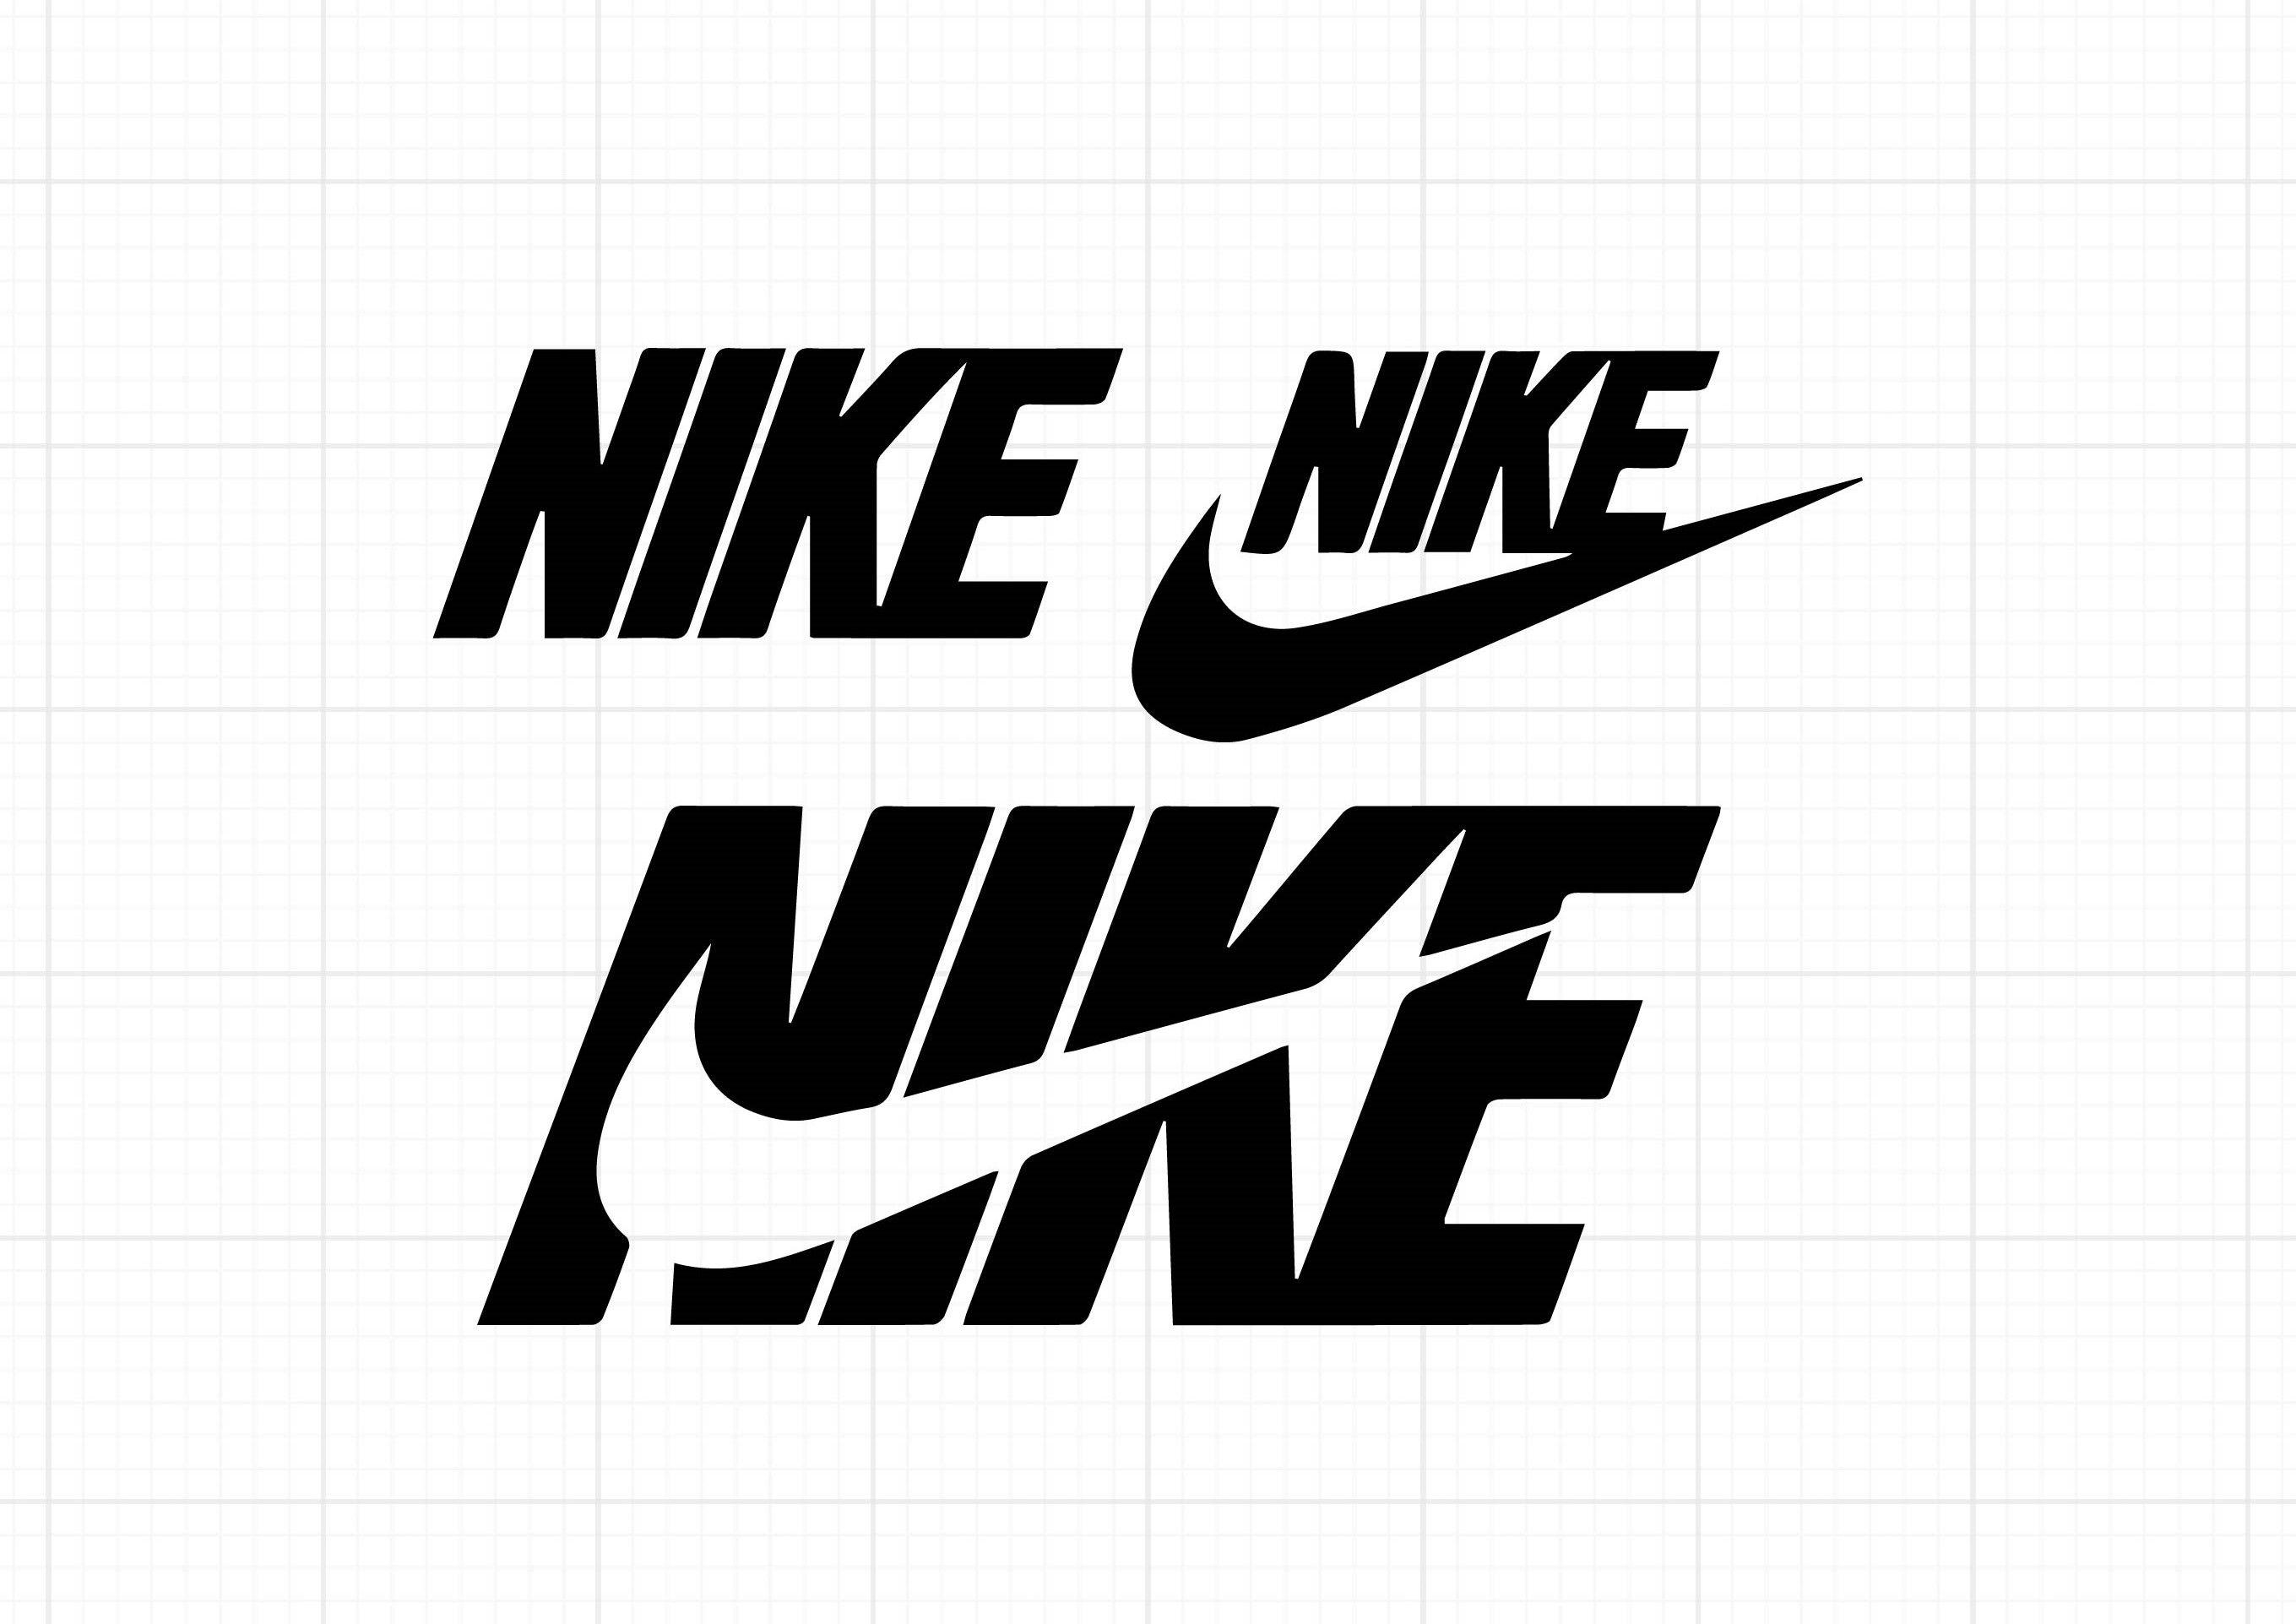 Nike logos SVG download in 2020 Svg downloads, Nike logo